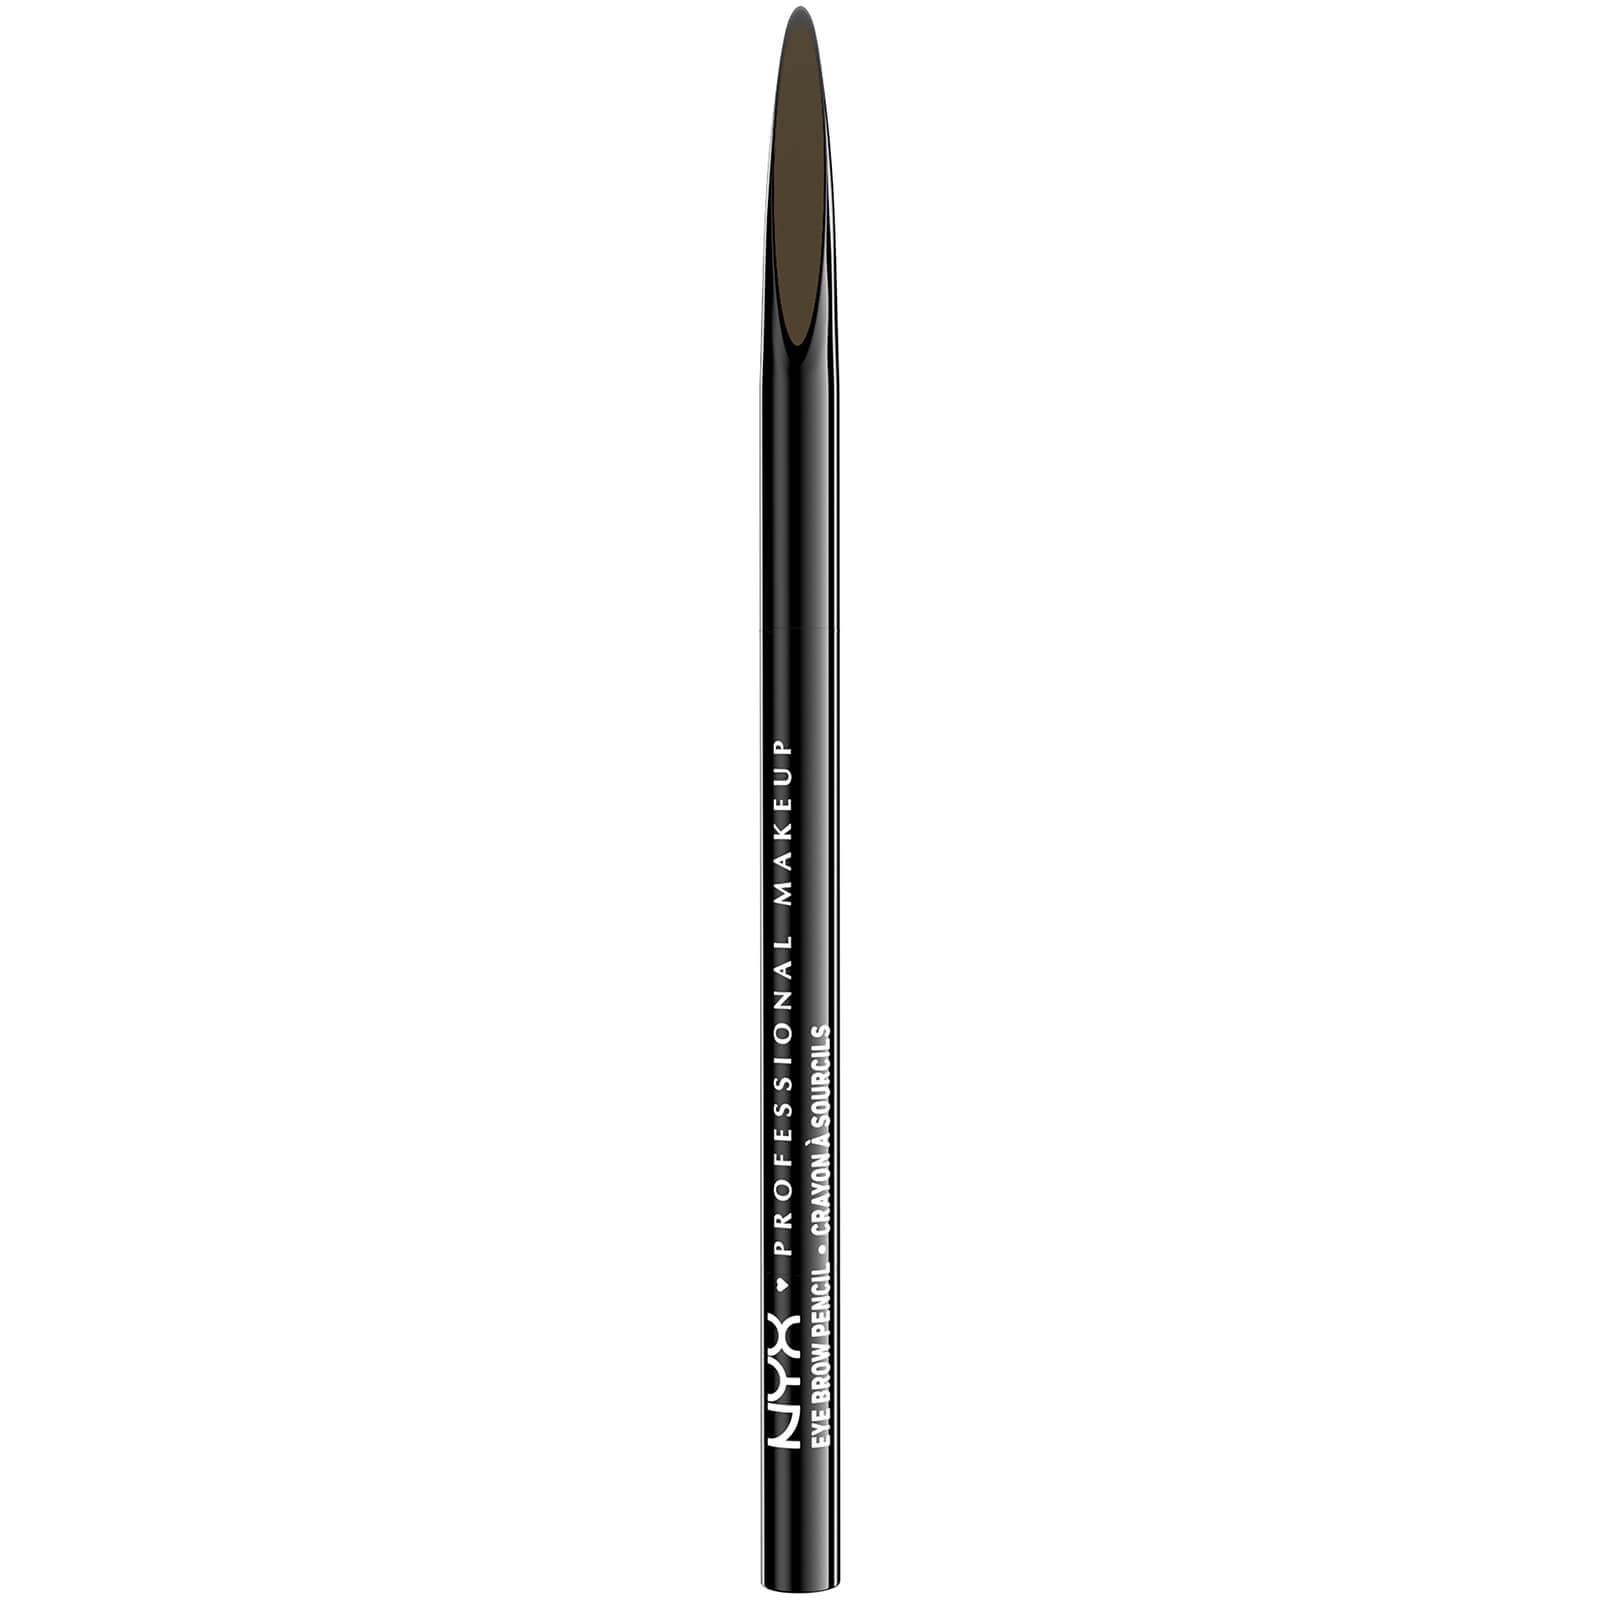 Купить Точечный карандаш для бровей NYX Professional Makeup Precision Brow Pencil (различные оттенки) - Black